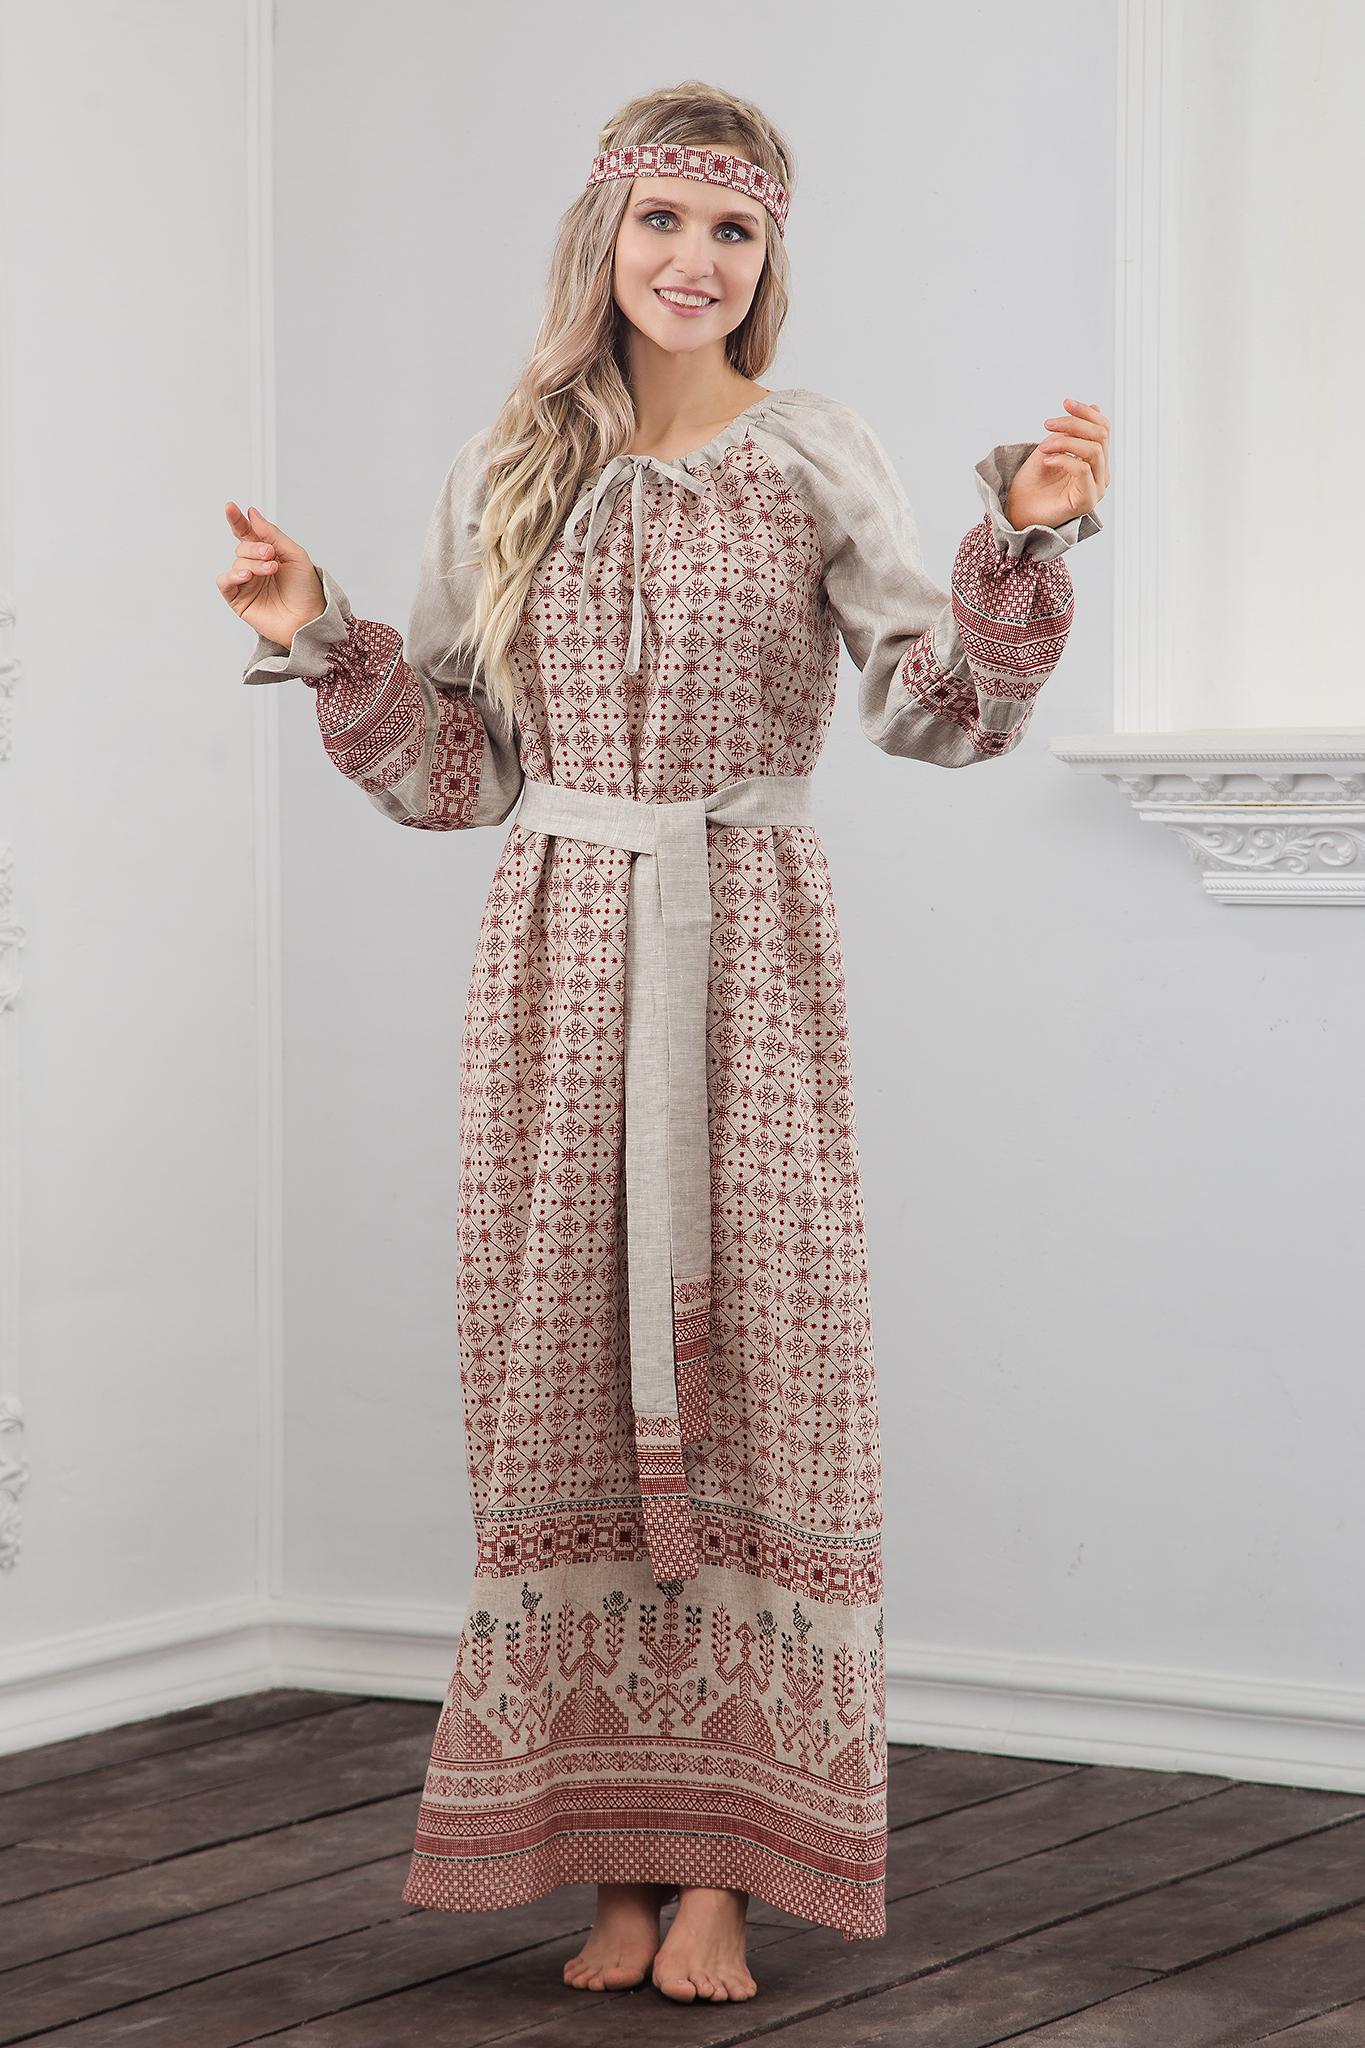 Платье Берегиня на небеленом льне, с мощным обережным орнаментом